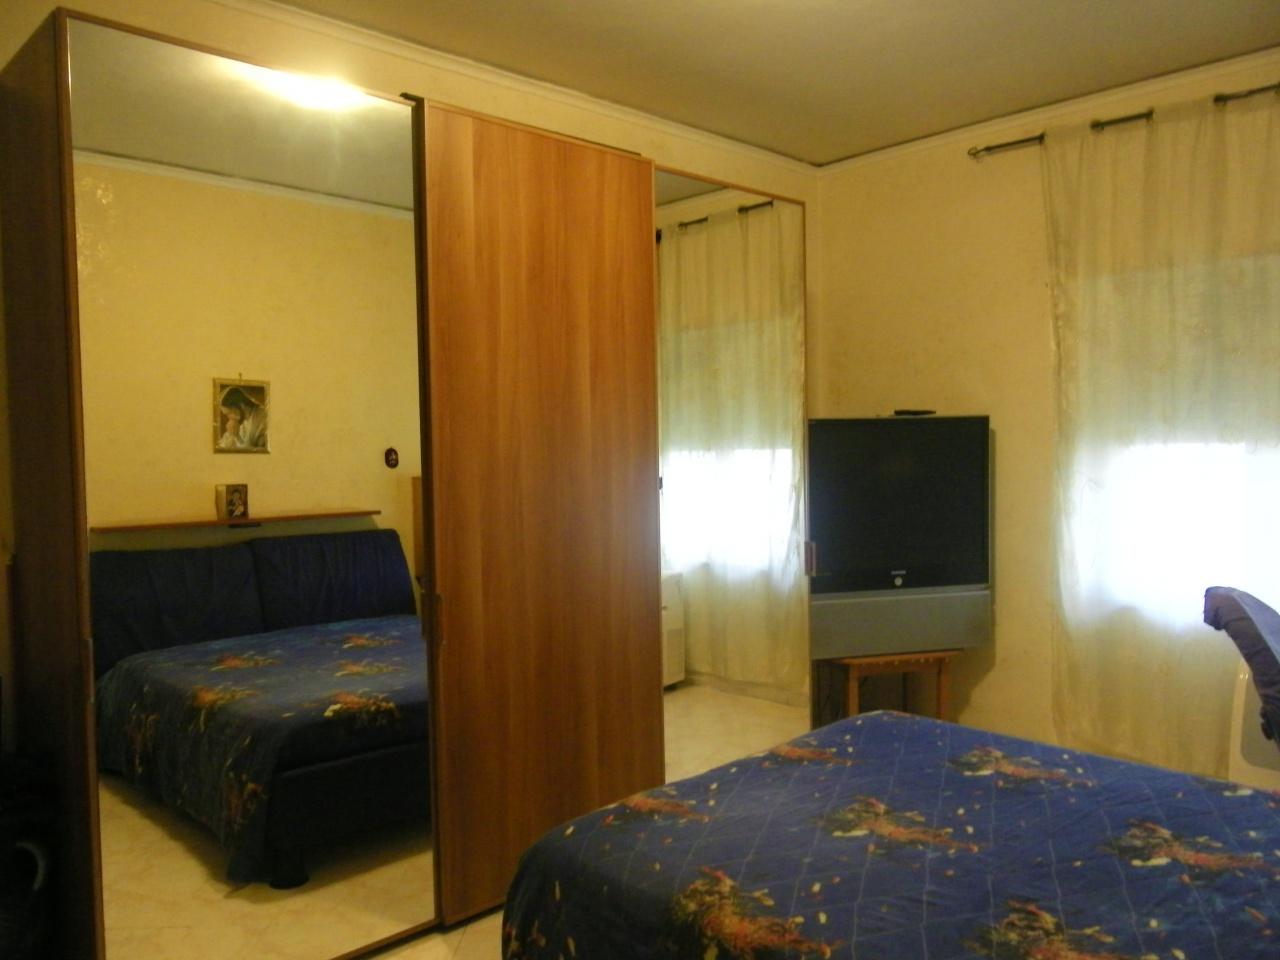 Appartamento, VIALE DELLE INDUSTRIE, 0, Vendita - Casavatore